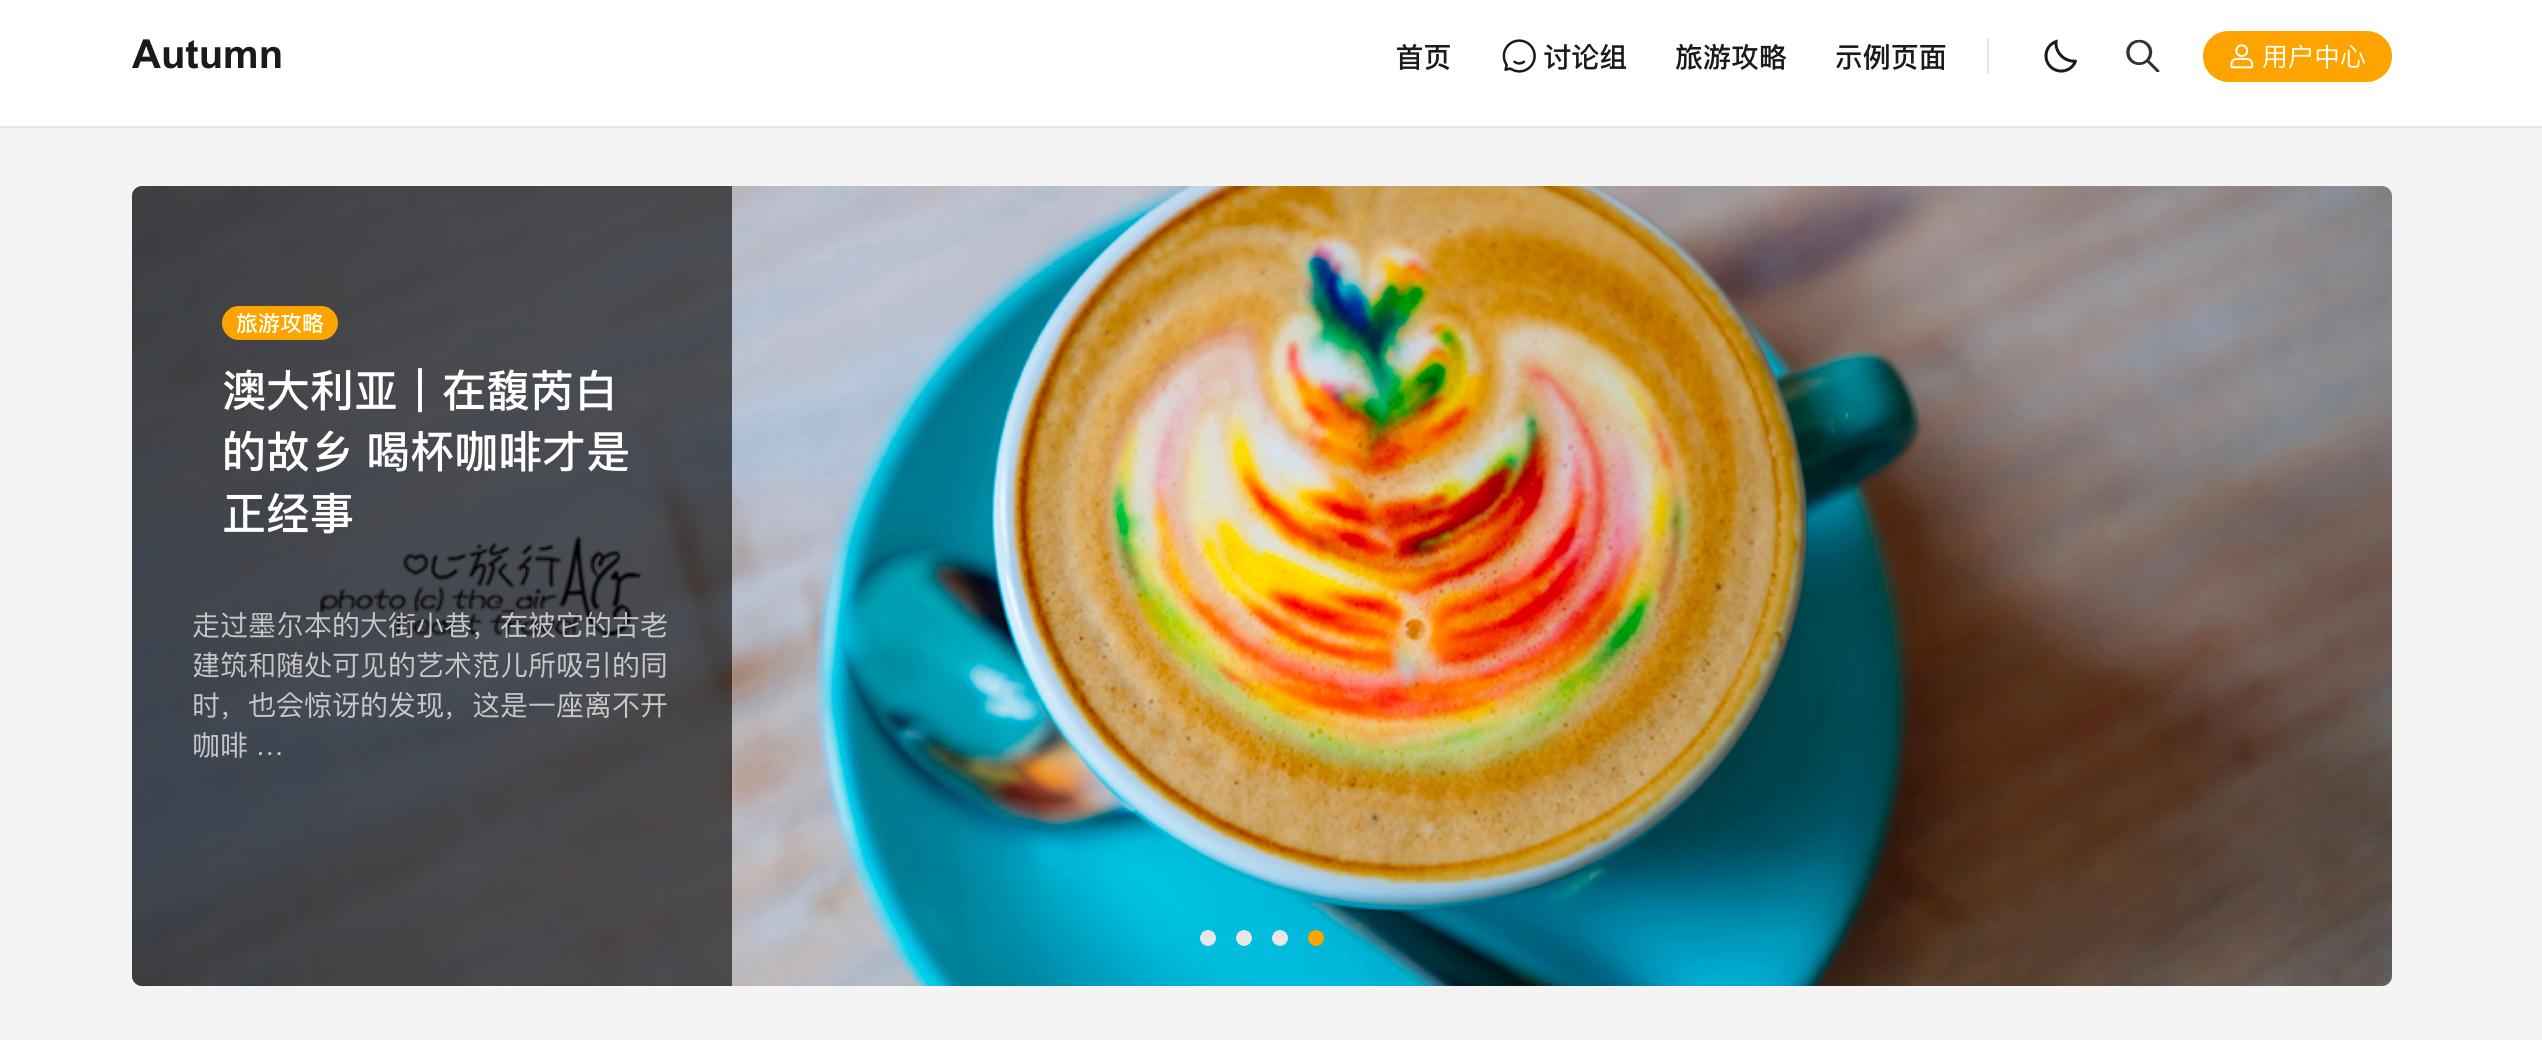 【WordPress】Autumn-Pro 2.4去授权破解版下载插图(6)